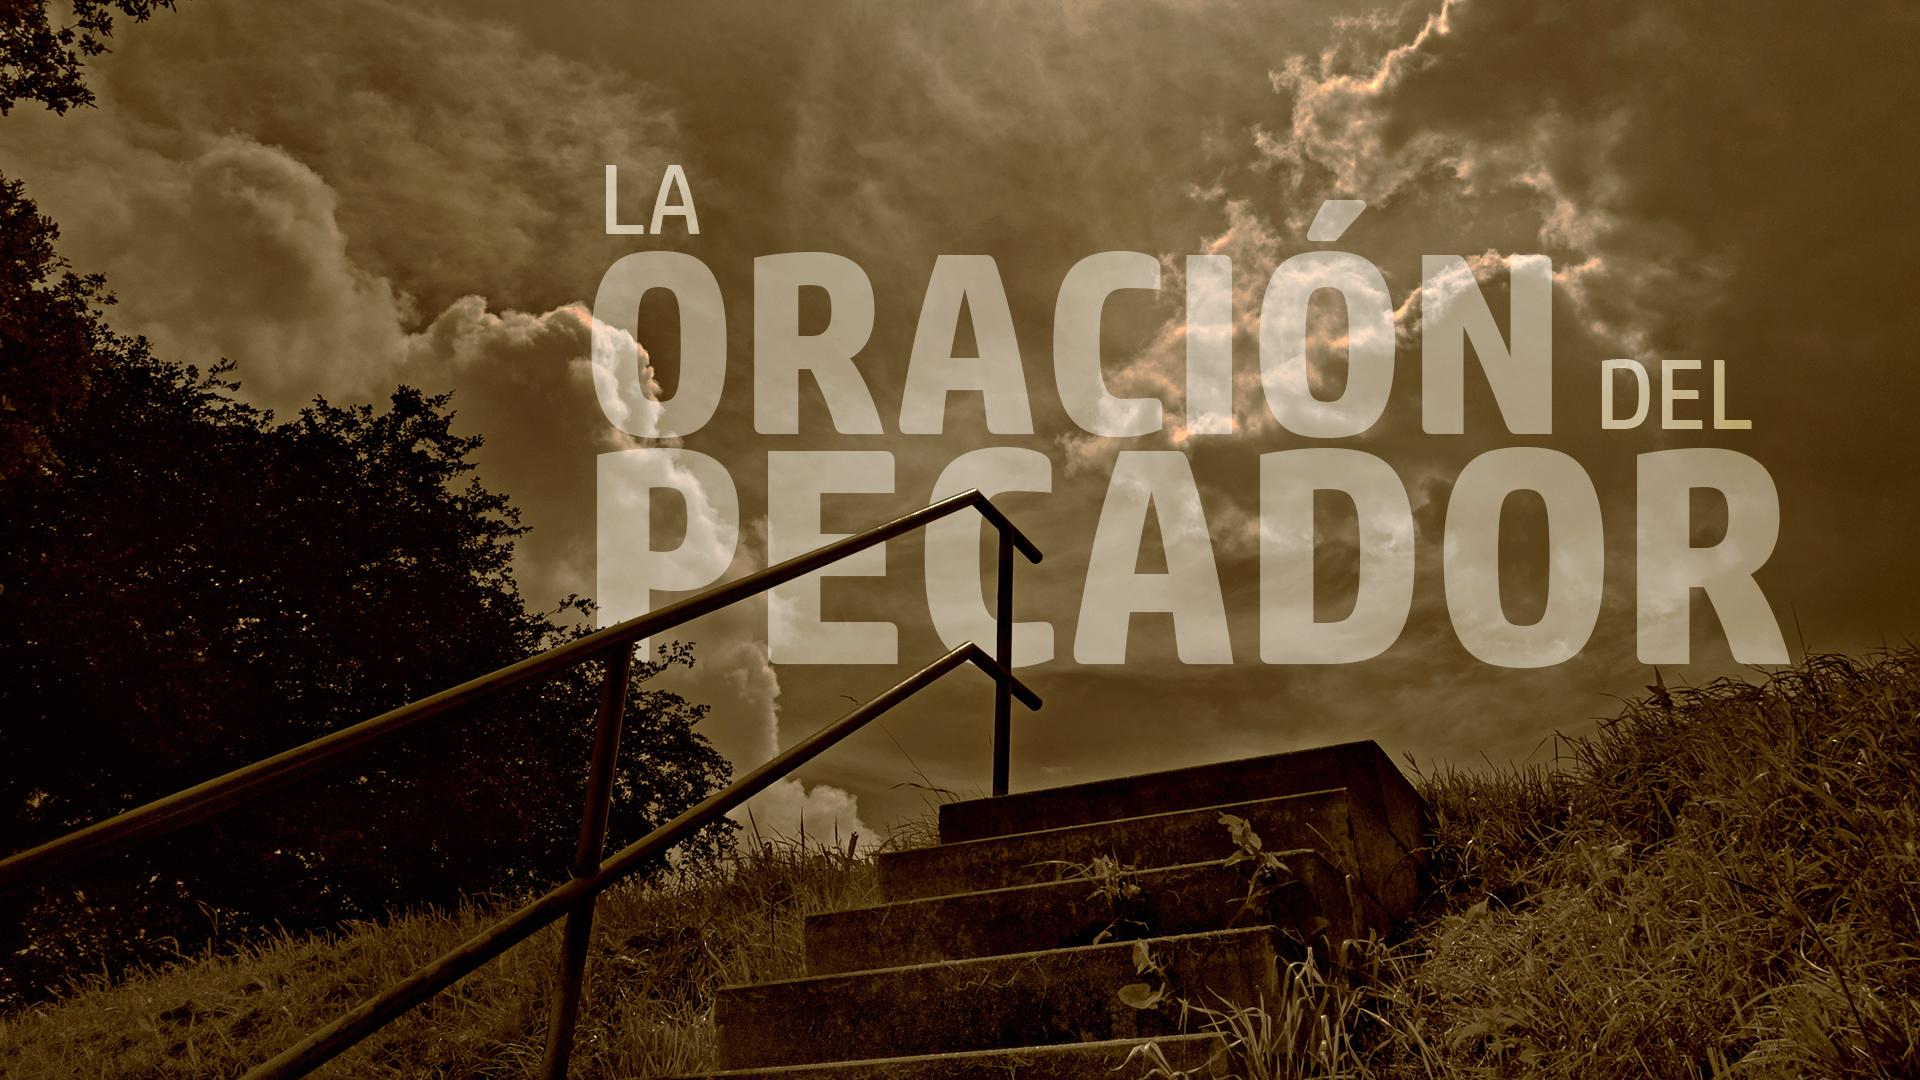 La Oración del Pecador (The Sinner's Prayer) - Spanish Version